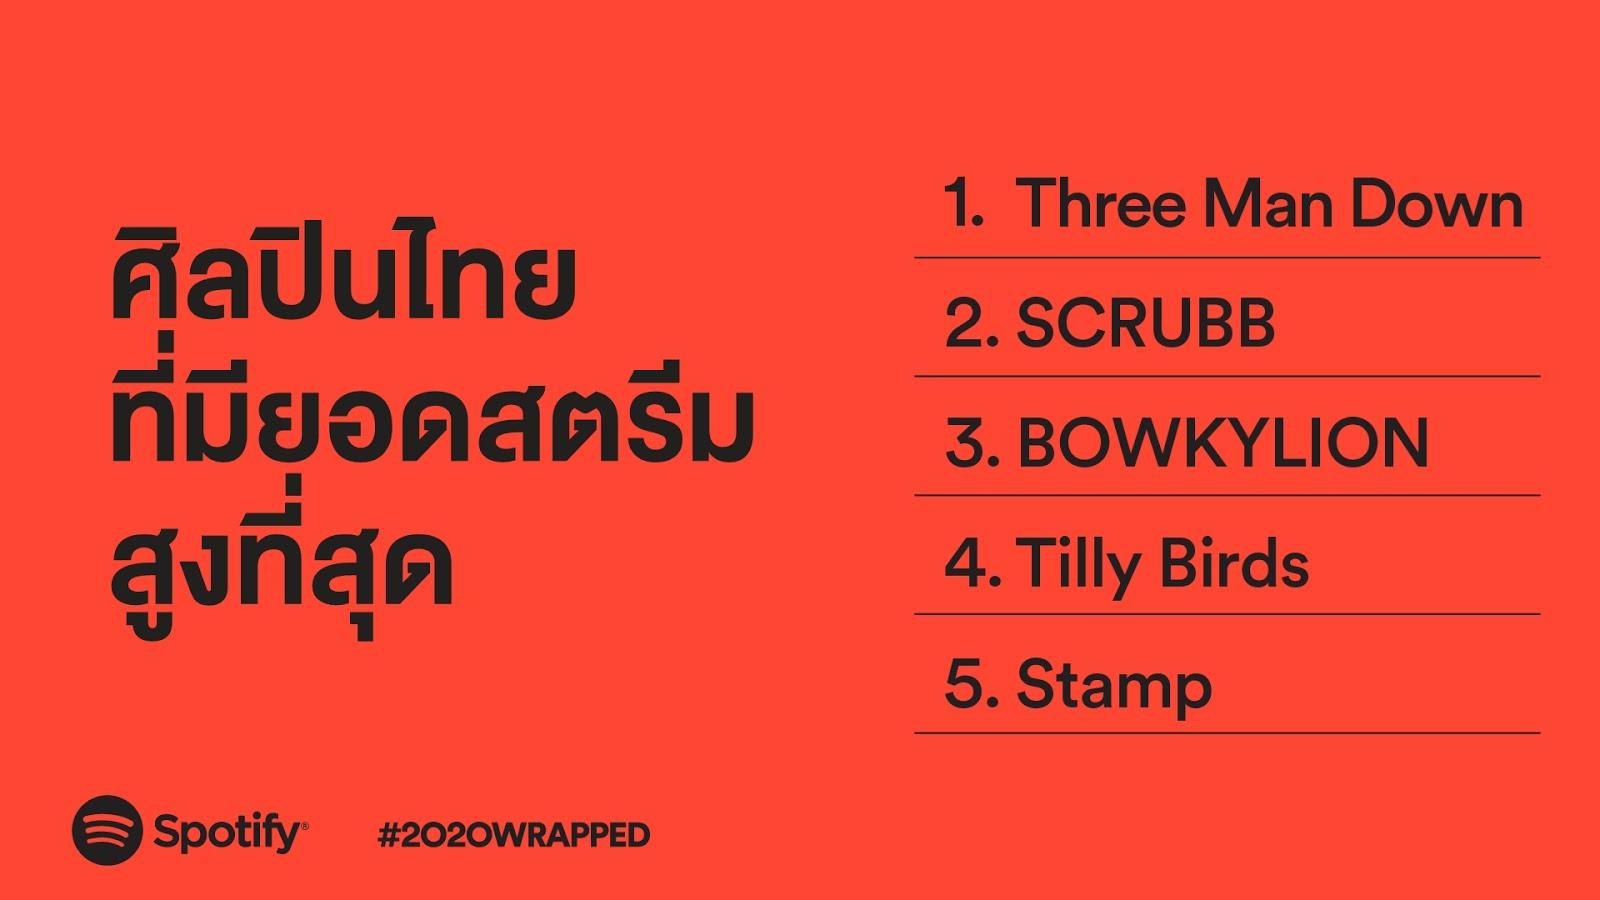 Spotify ประกาศรายชื่อ 2020 Wrapped: ศิลปินไทยติดอันดับทั้งเพลงและพอดแคสต์ที่มียอดสตรีมสูงสุดของประเทศไทย